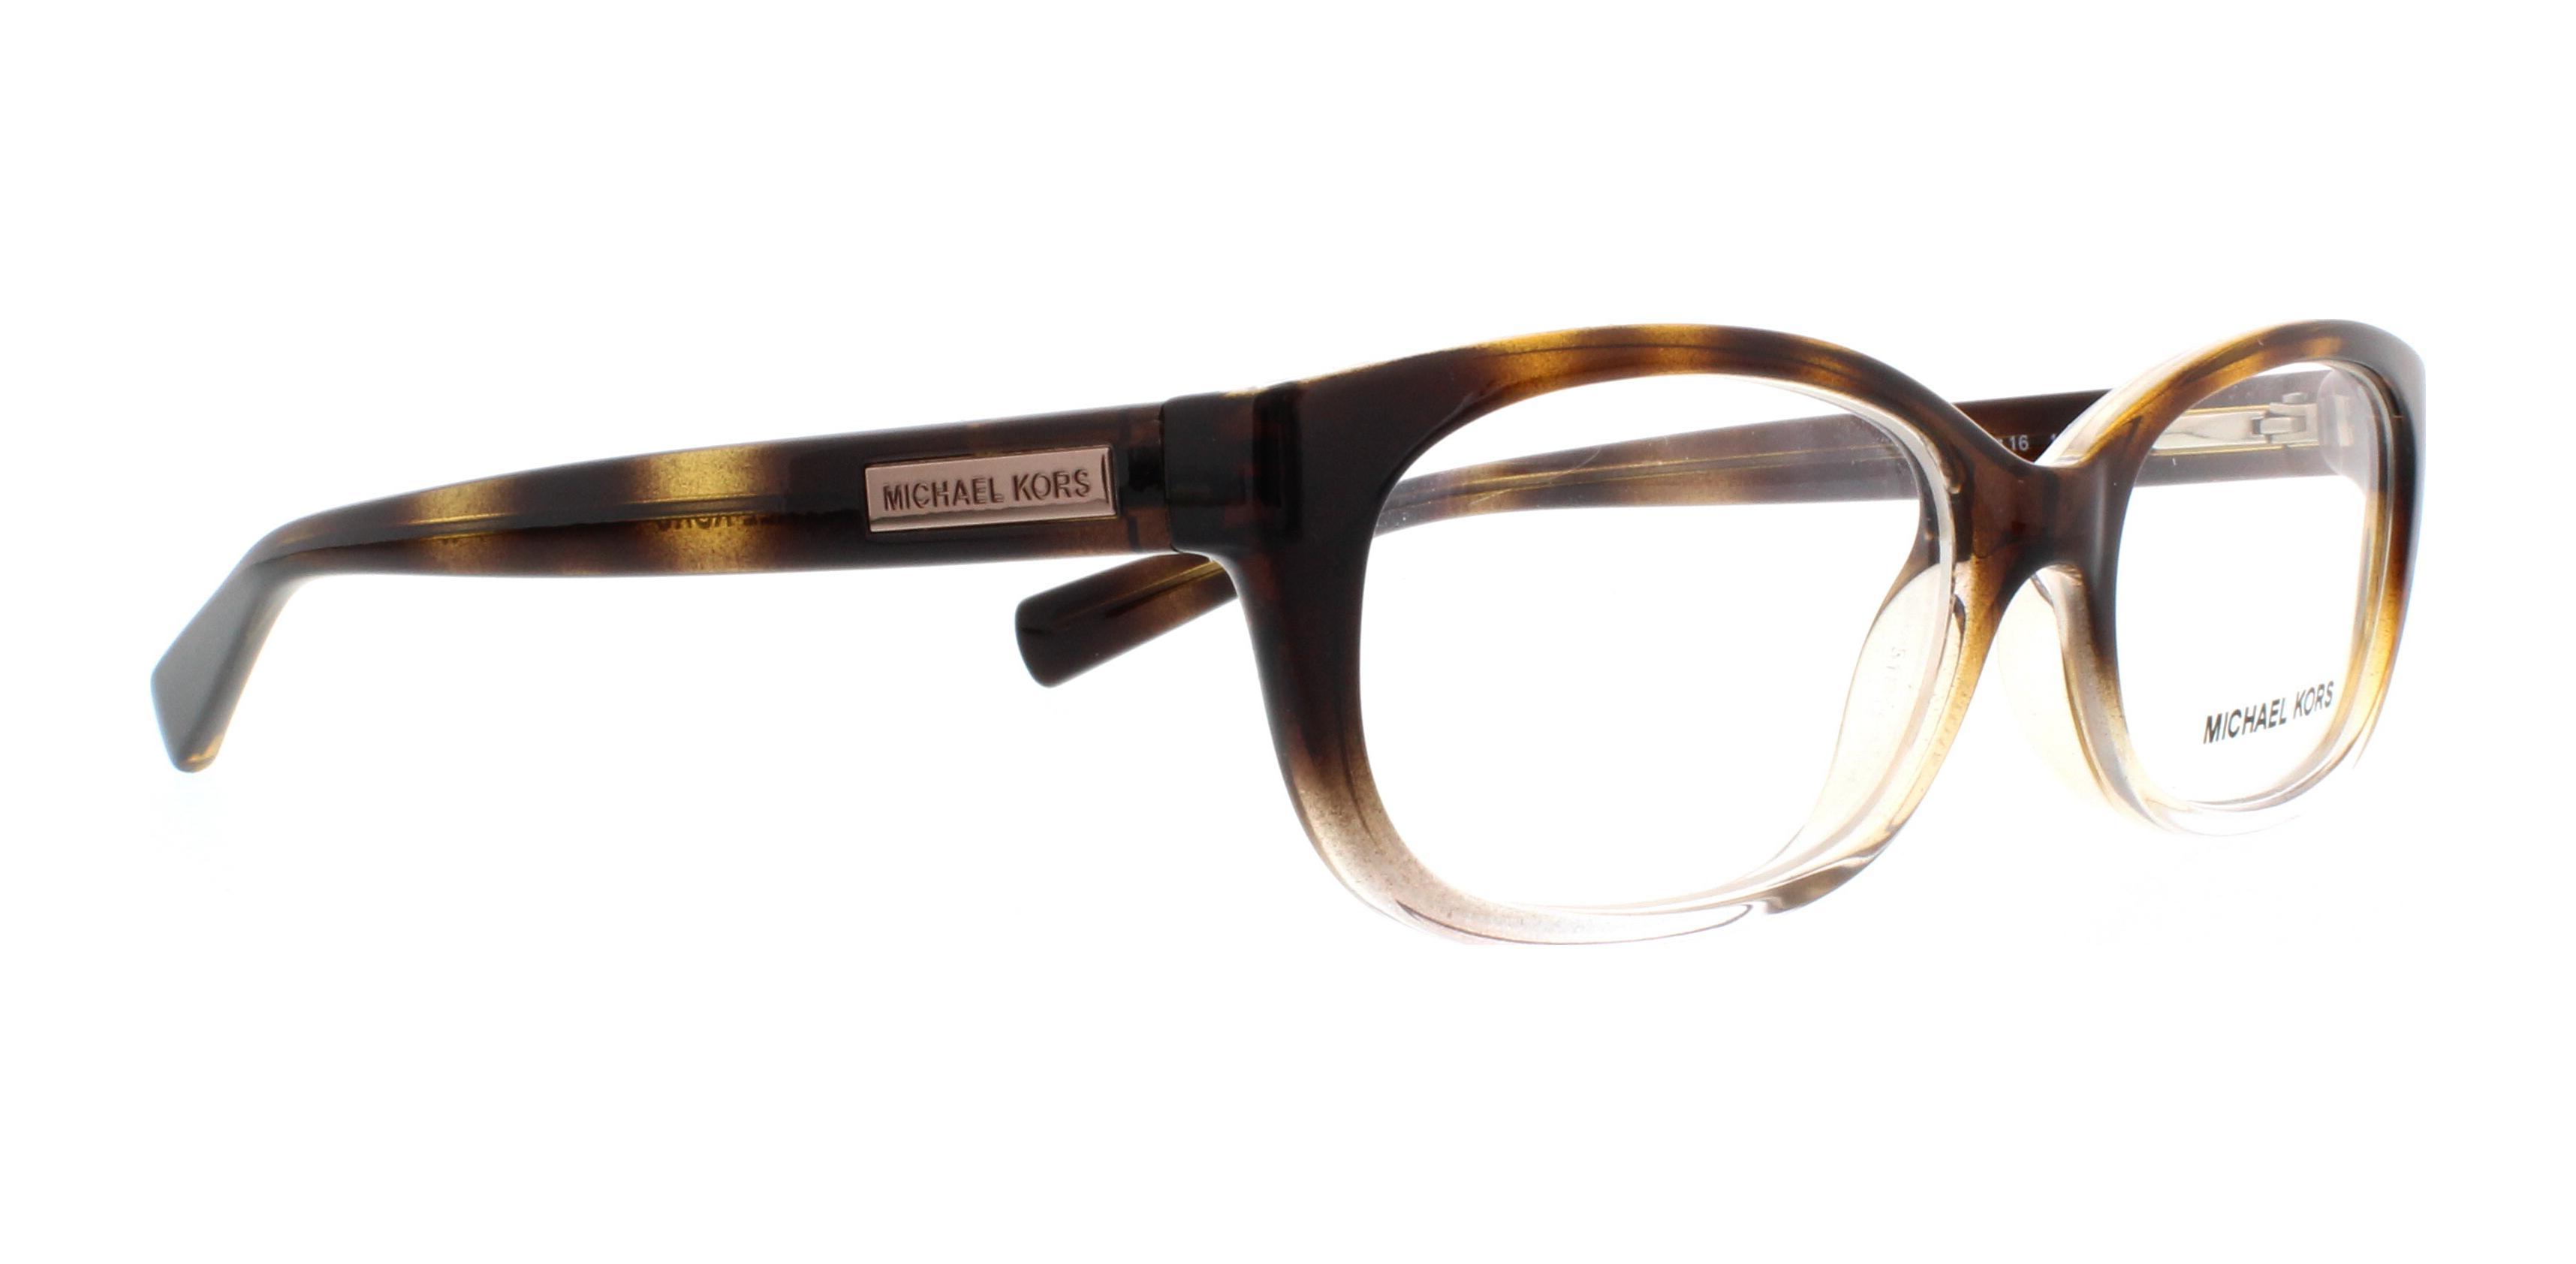 030f77f8cfc4 Designer Frames Outlet. Michael Kors MK8020 Mitzi V